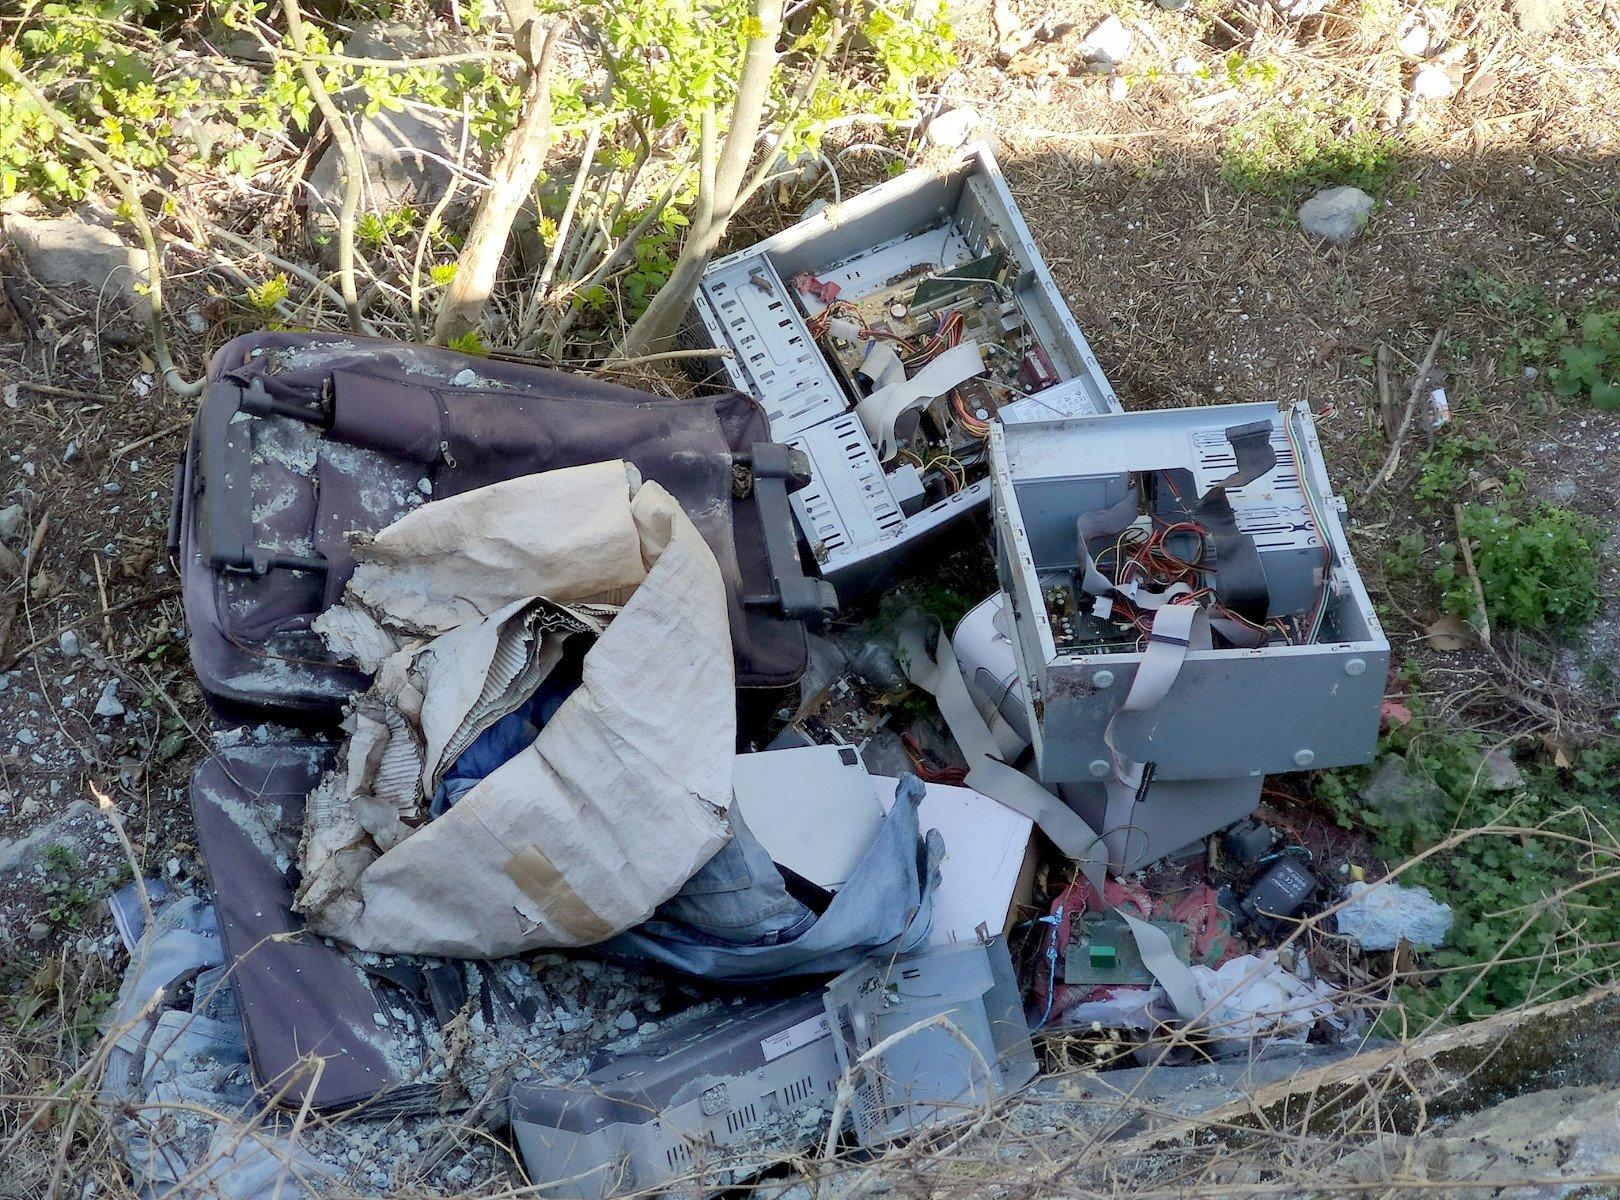 La Valle d'Aosta ha prodotto, nel 2020, oltre 1.300 tonnellate di Raee, i rifiuti elettrici ed elettronici, più di dieci chili pro capite